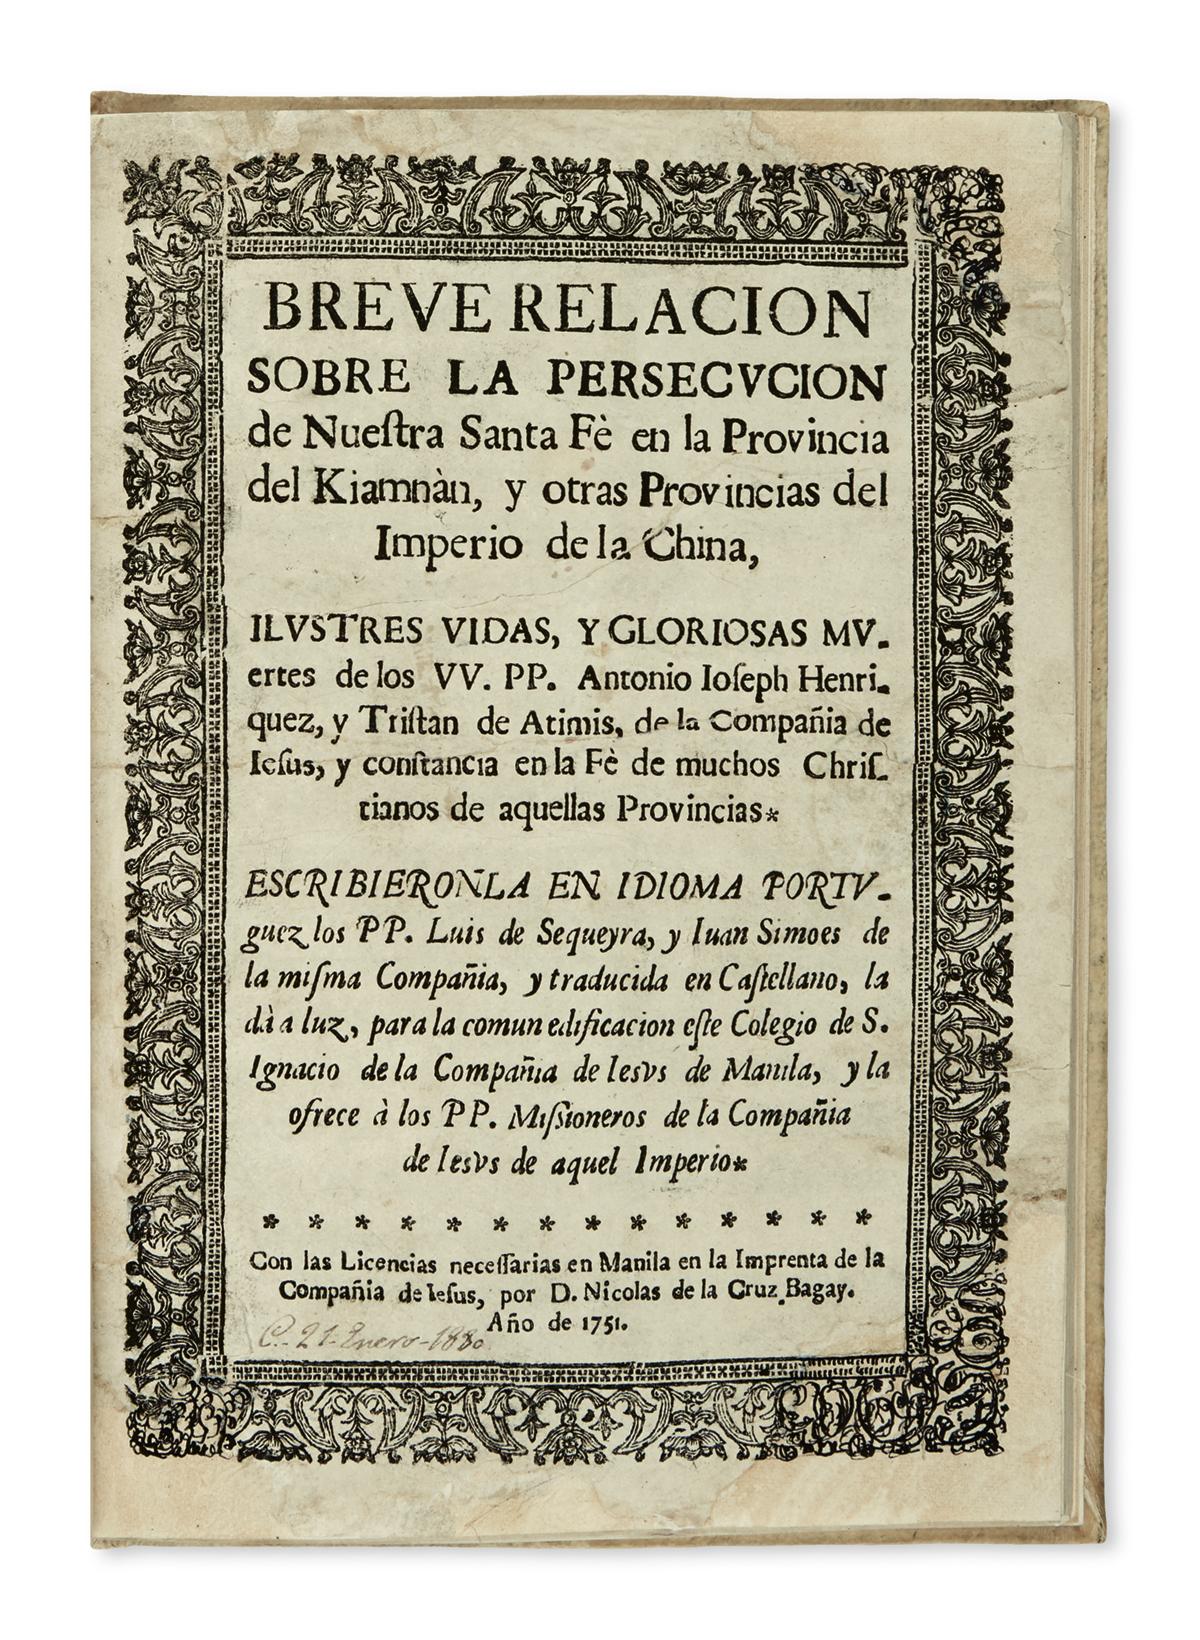 PHILIPPINES--SEQUEIRA-and-SIMÕES-S-J-Breve-Relación-sobre-la